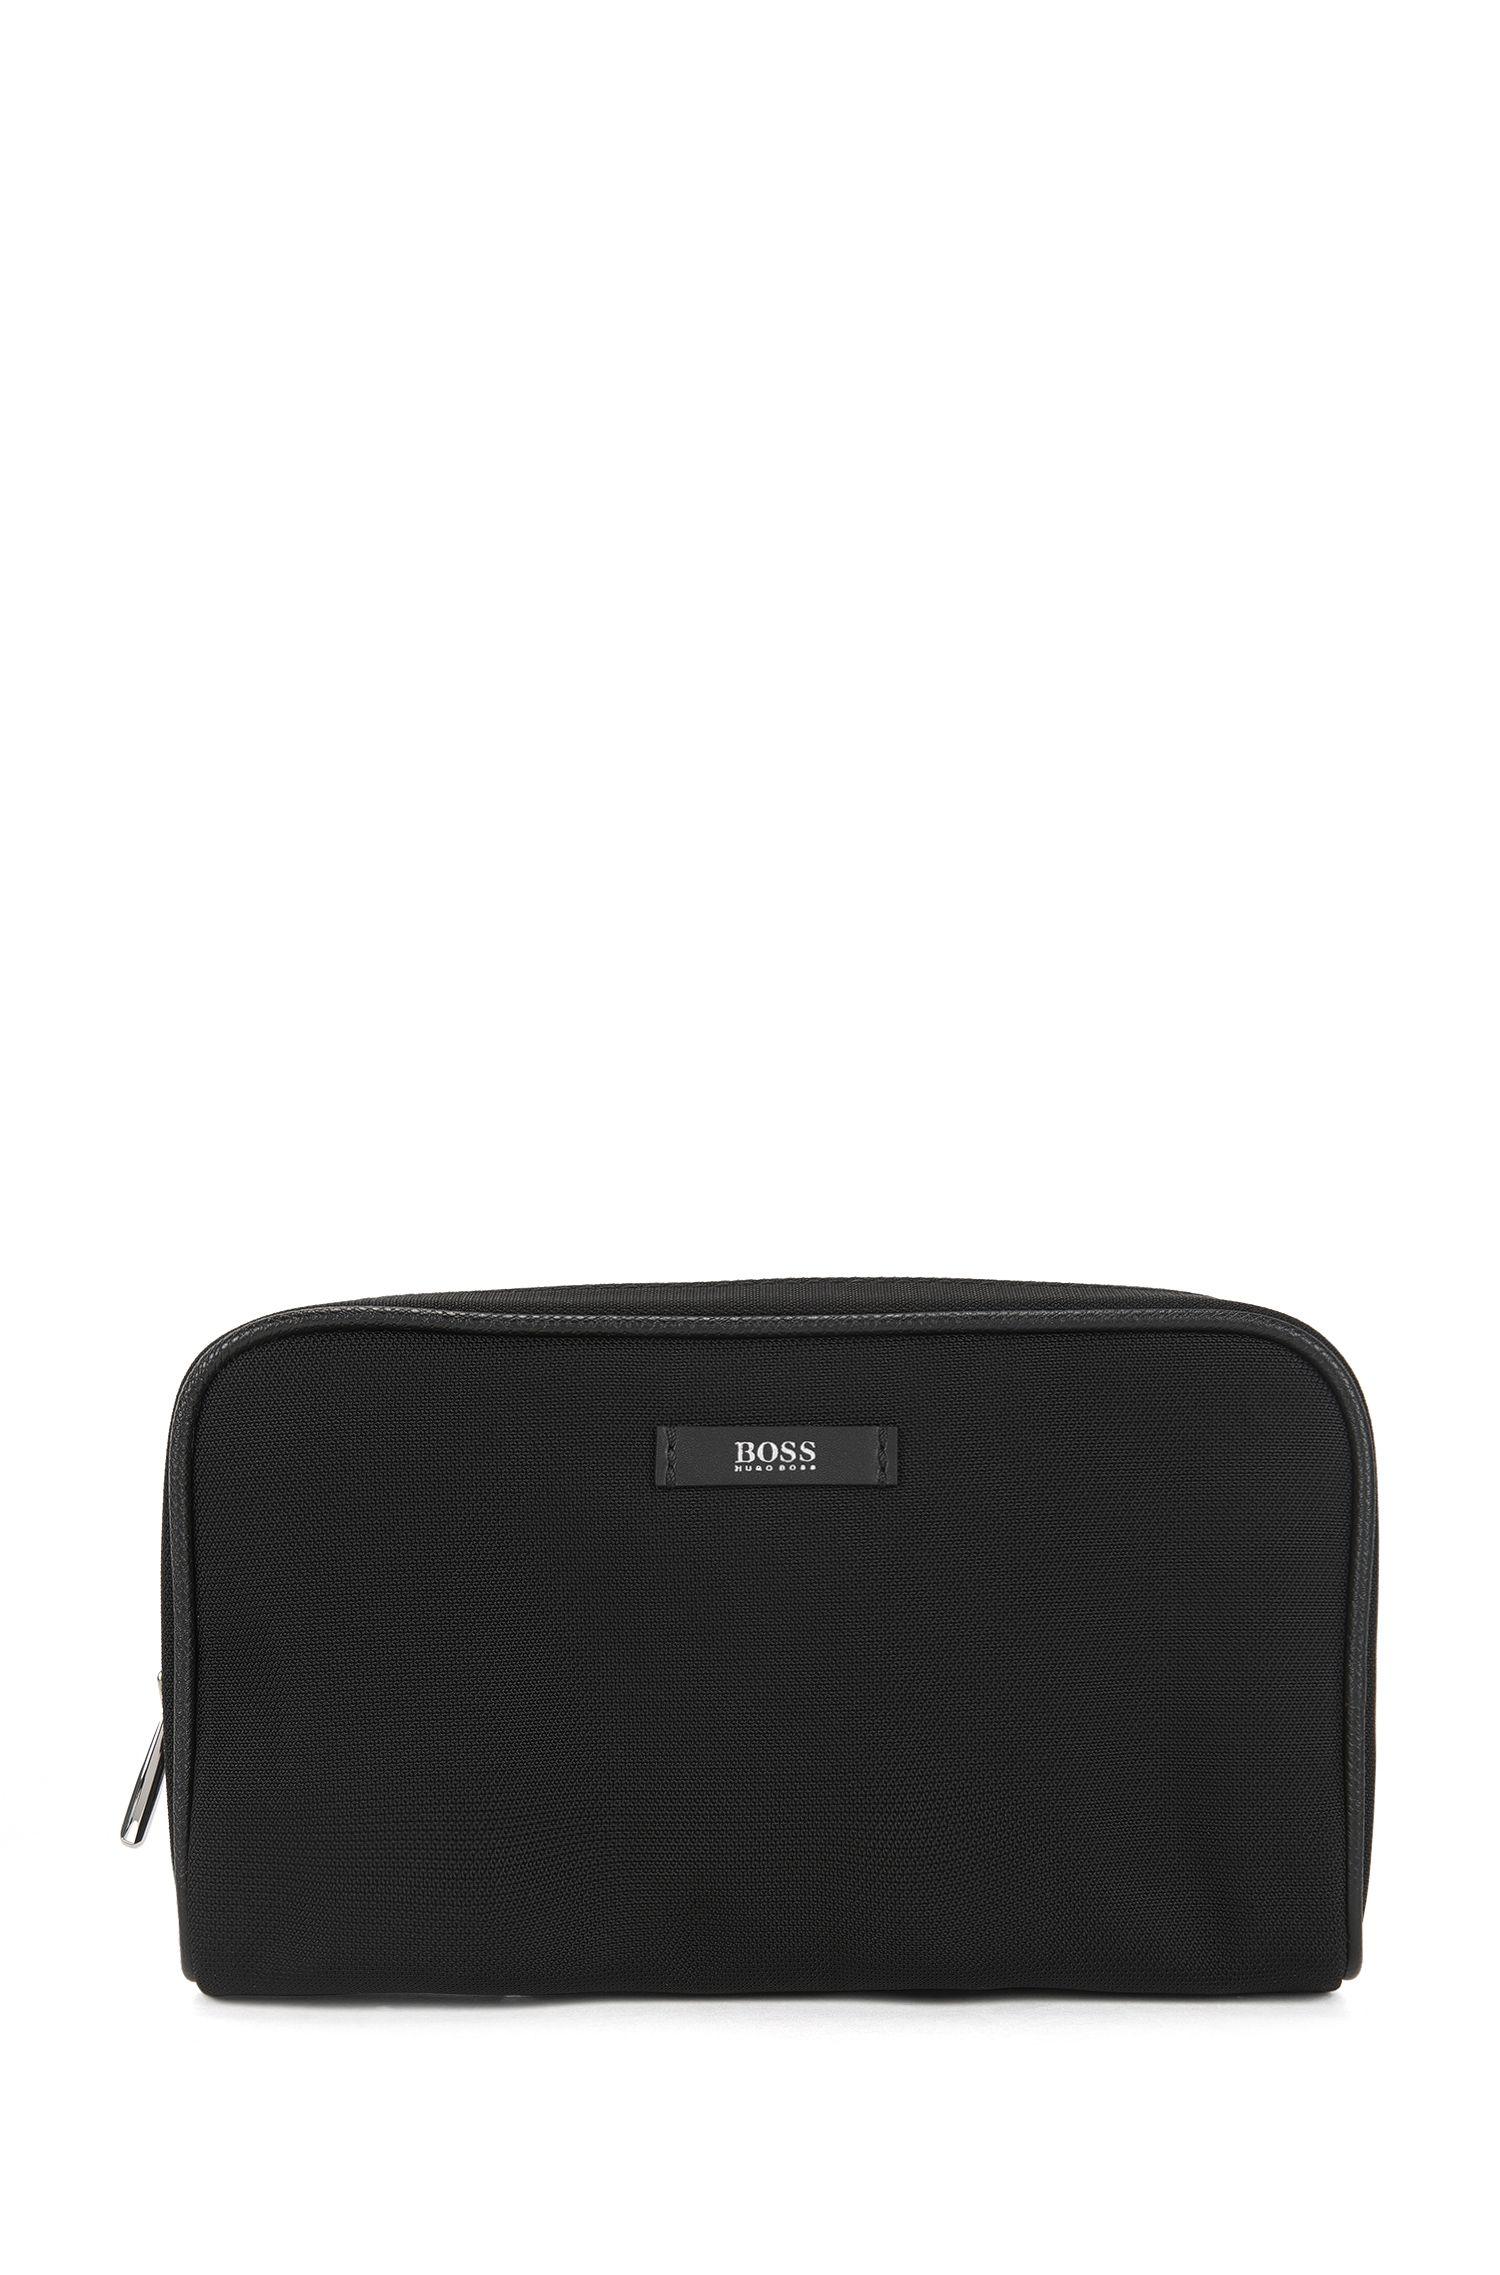 Schoenverzorgingsset in een pouch met merkaccent